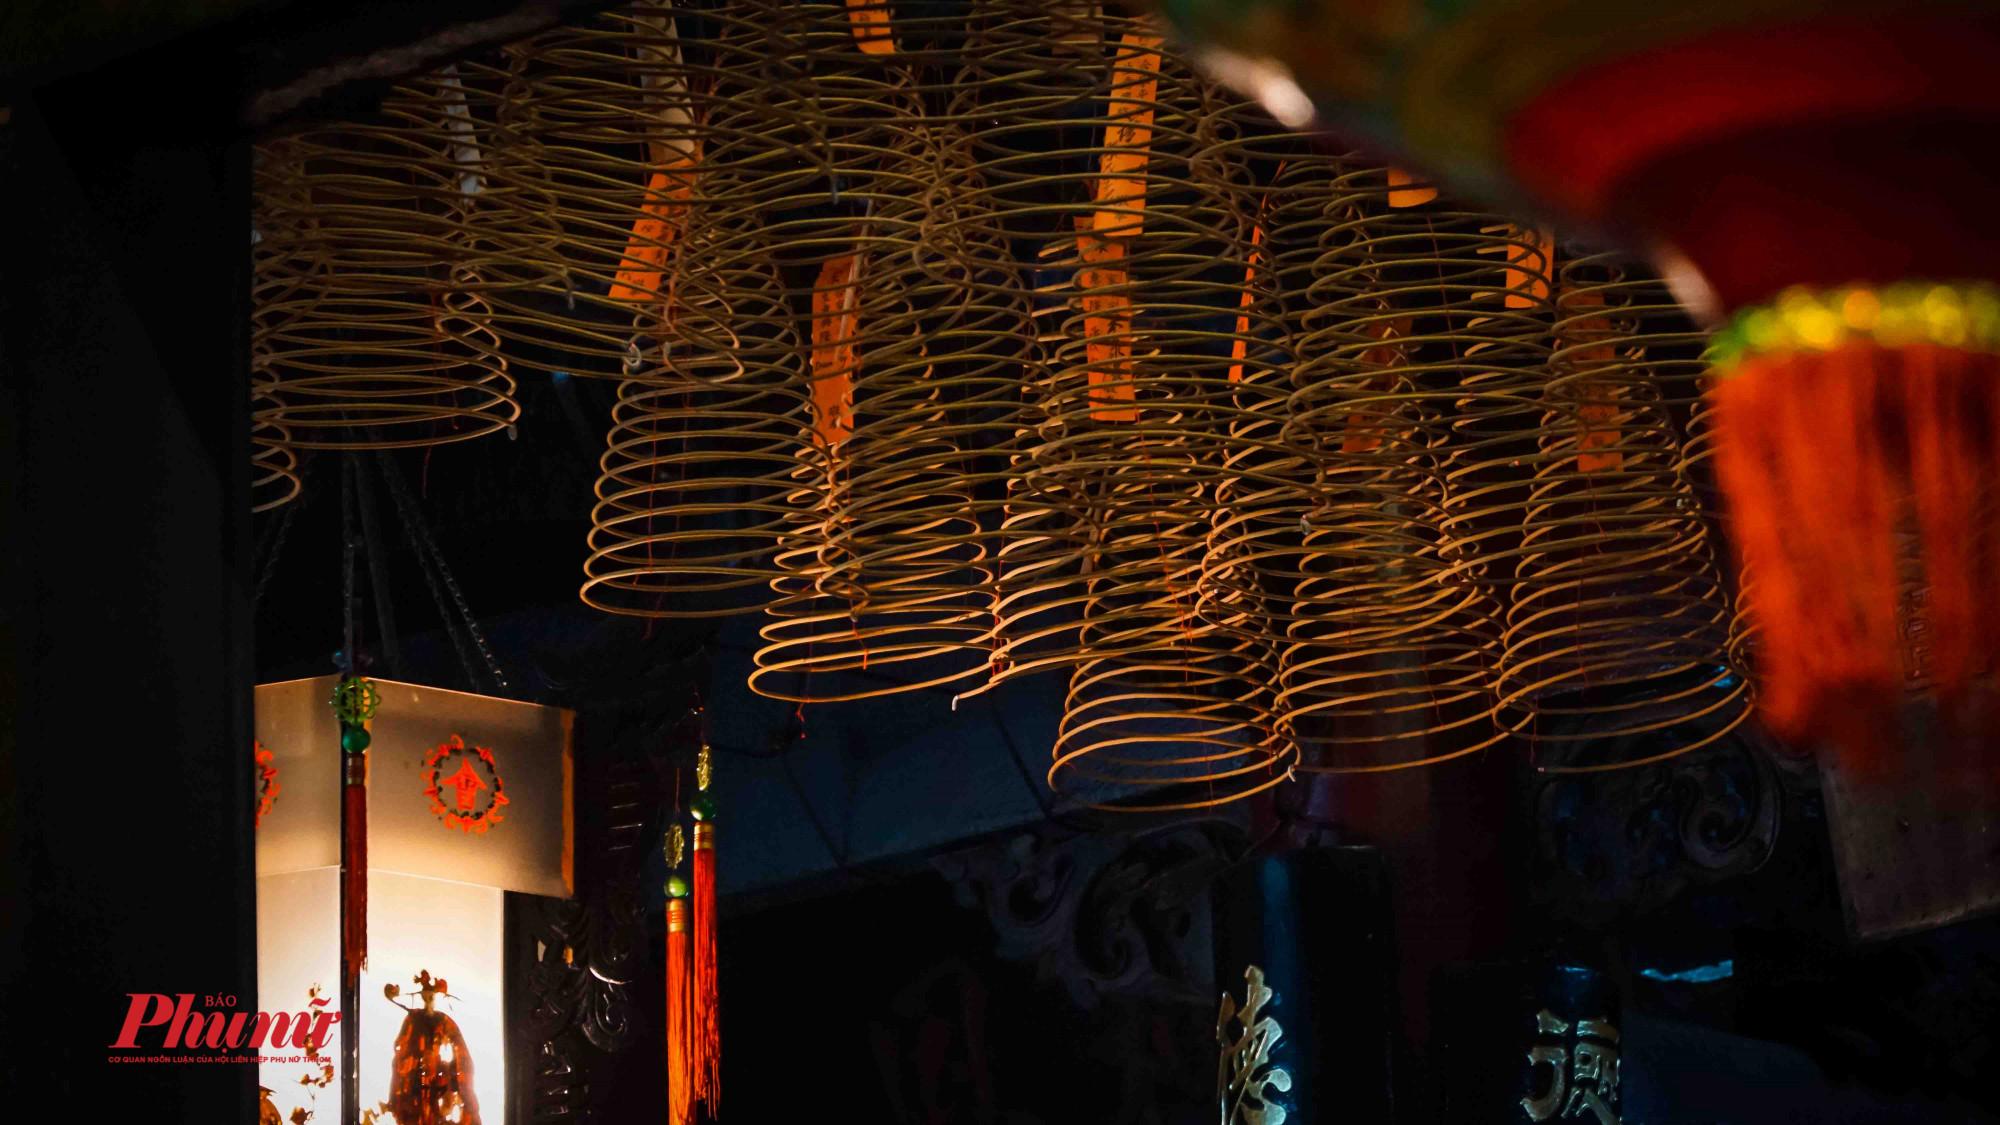 Dàn nhàng vòng trầm hương khiến không khí thêm huyền ảo